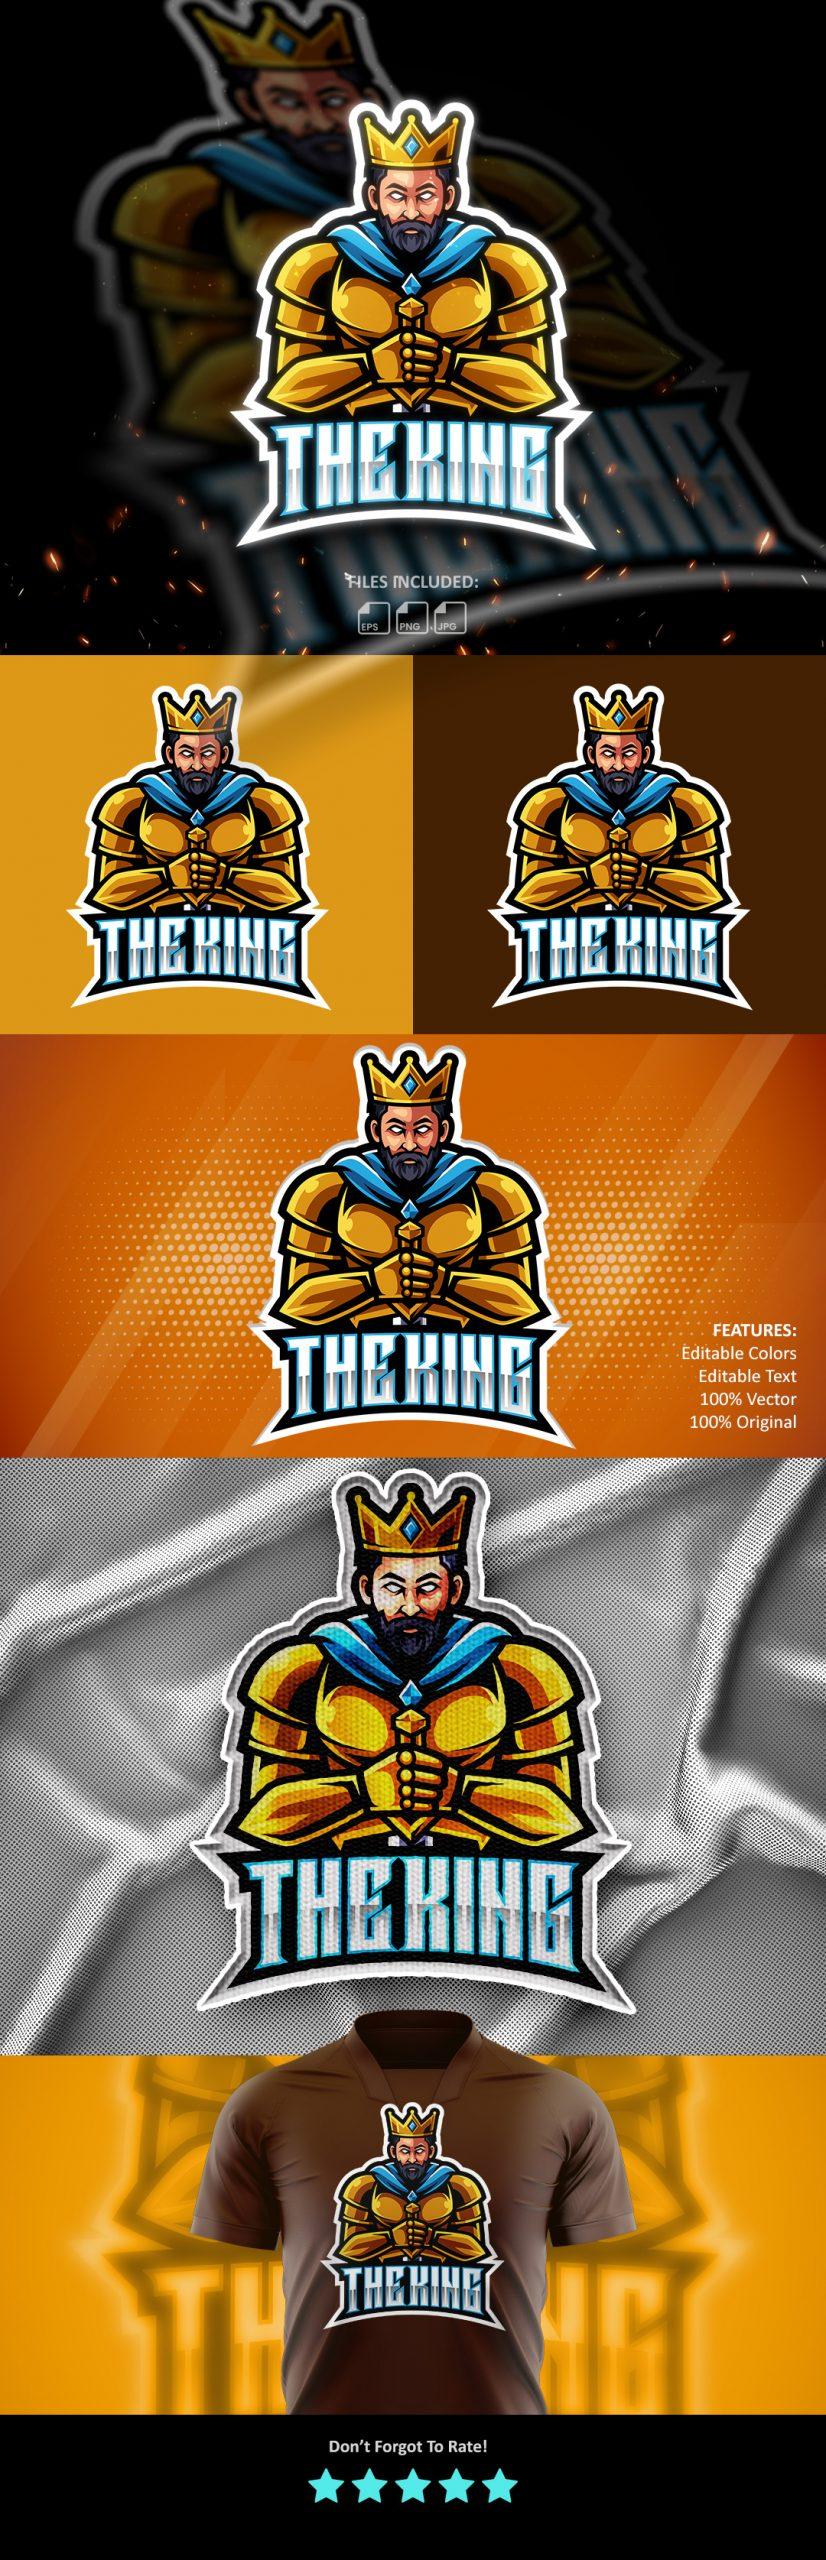 Free-King-Mascot-Logo-Free-Download